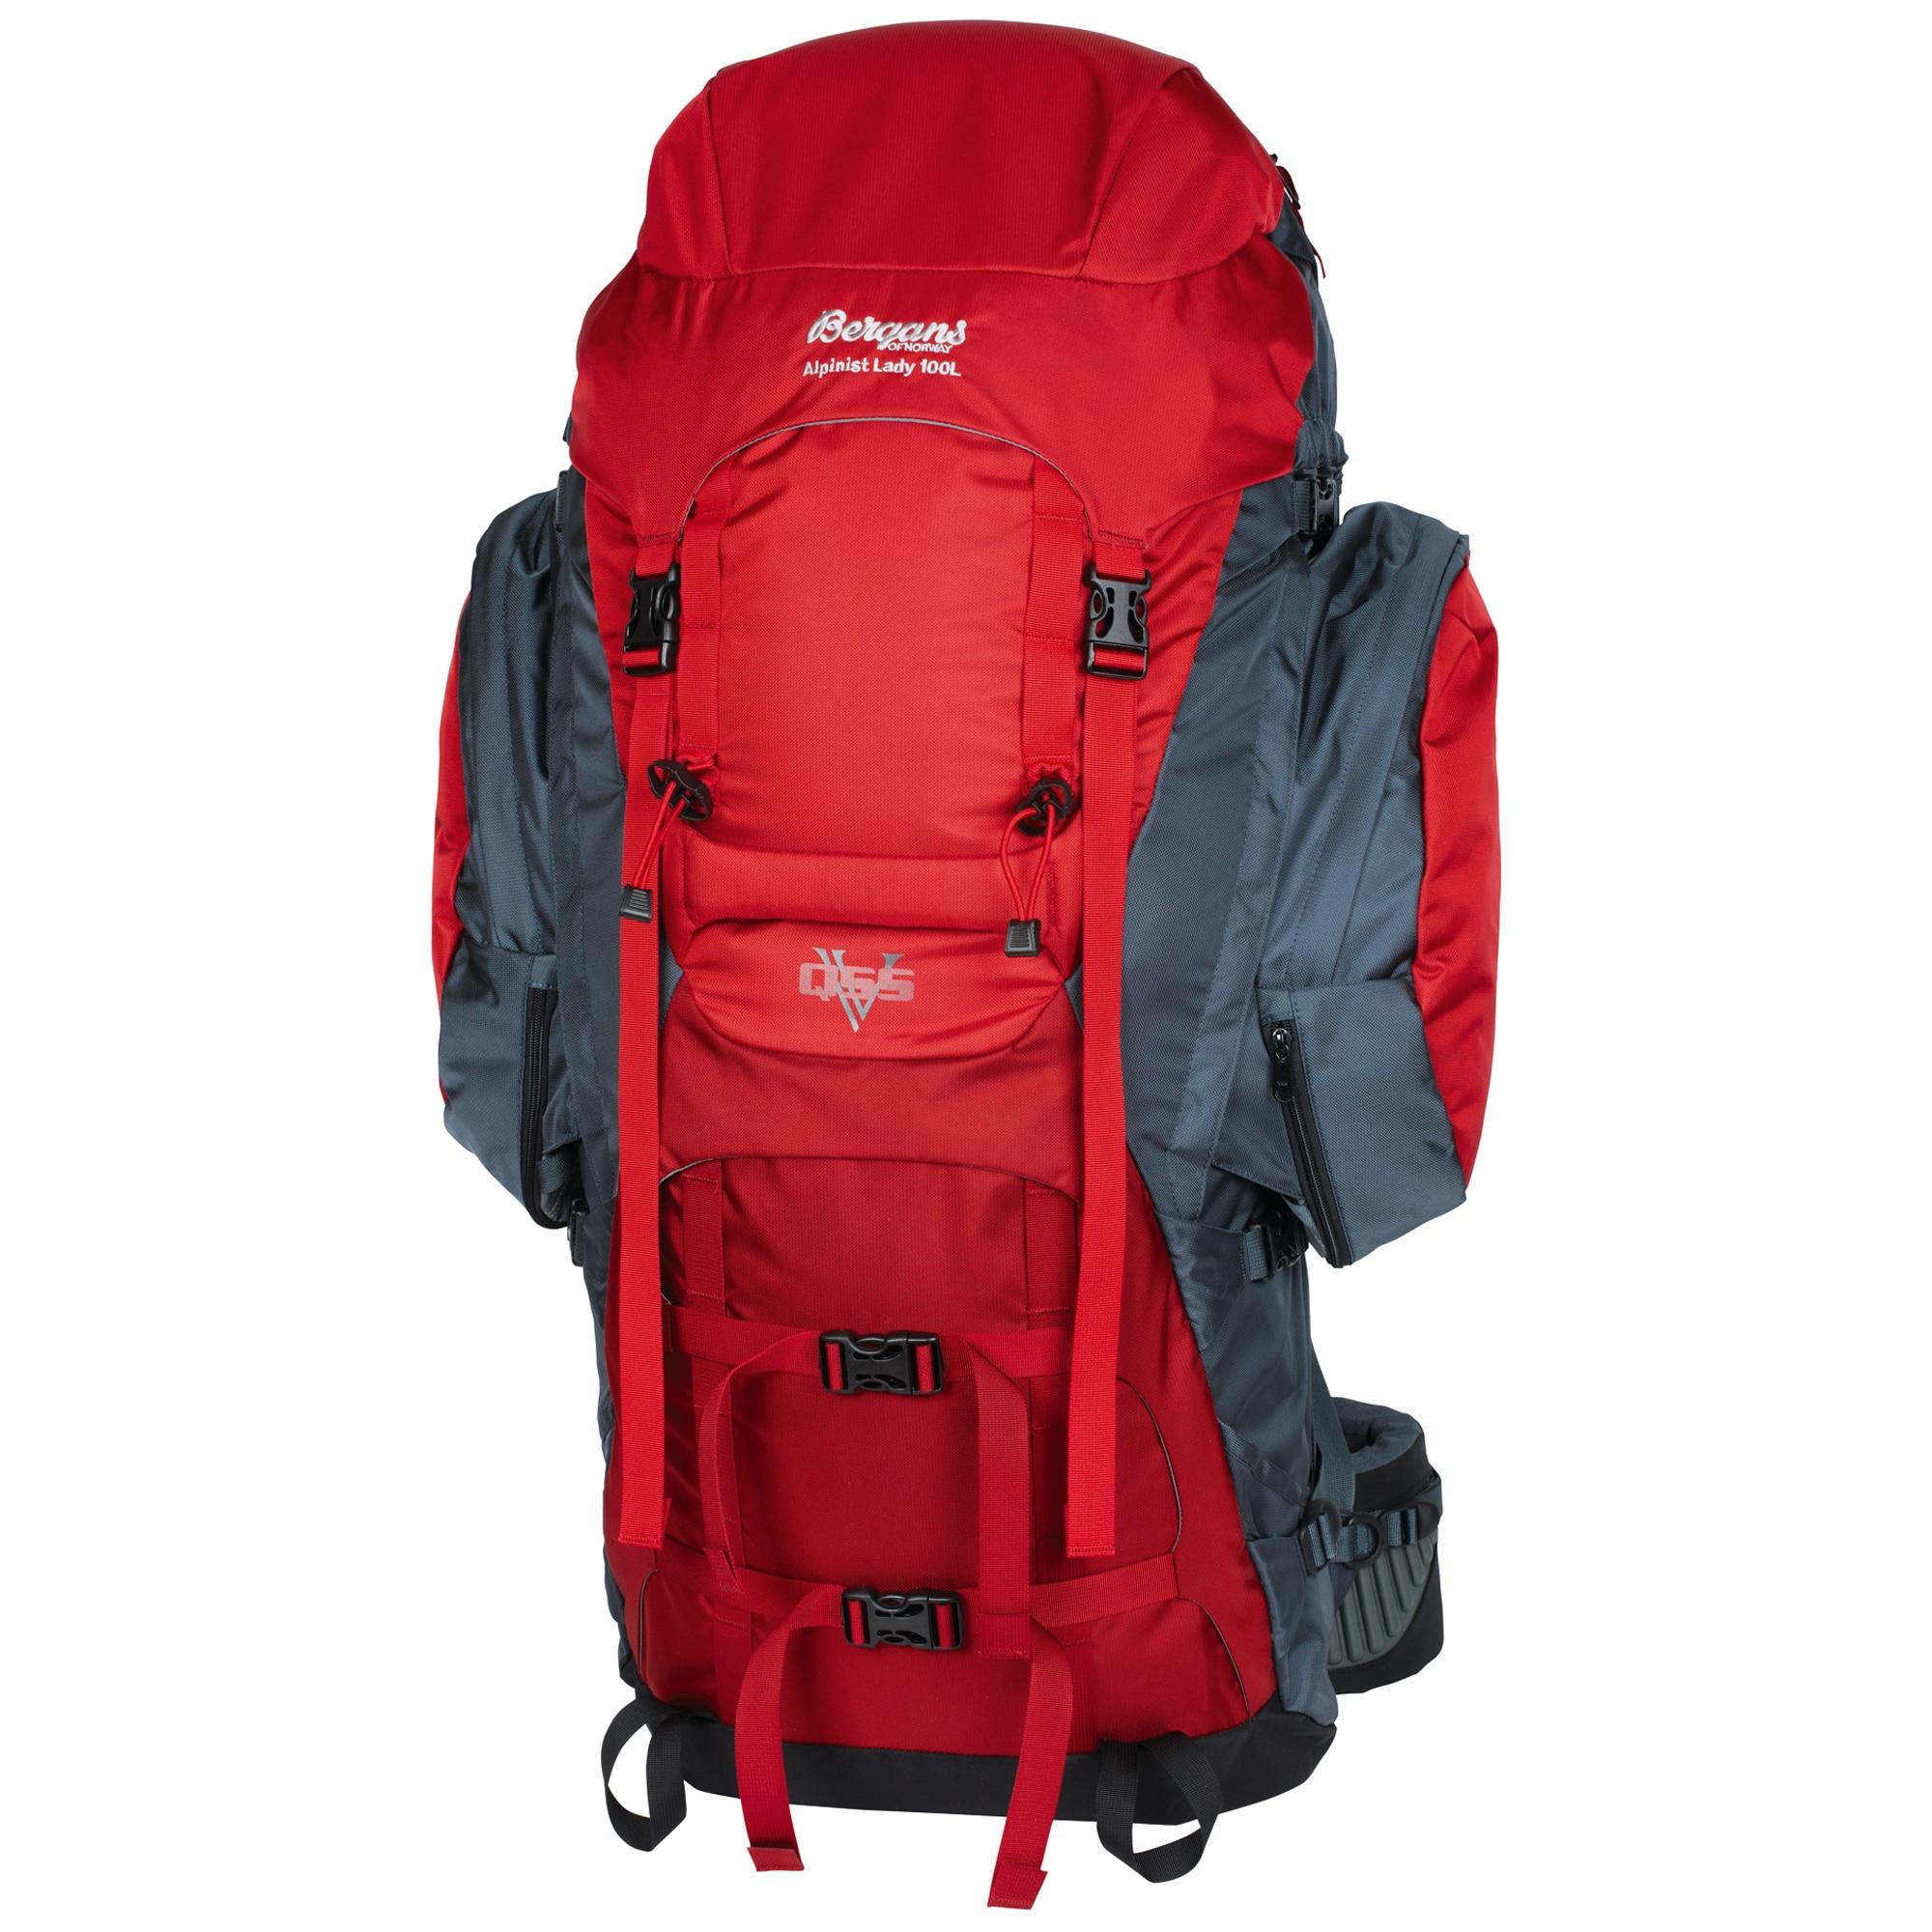 Alpinist 100 L Lady